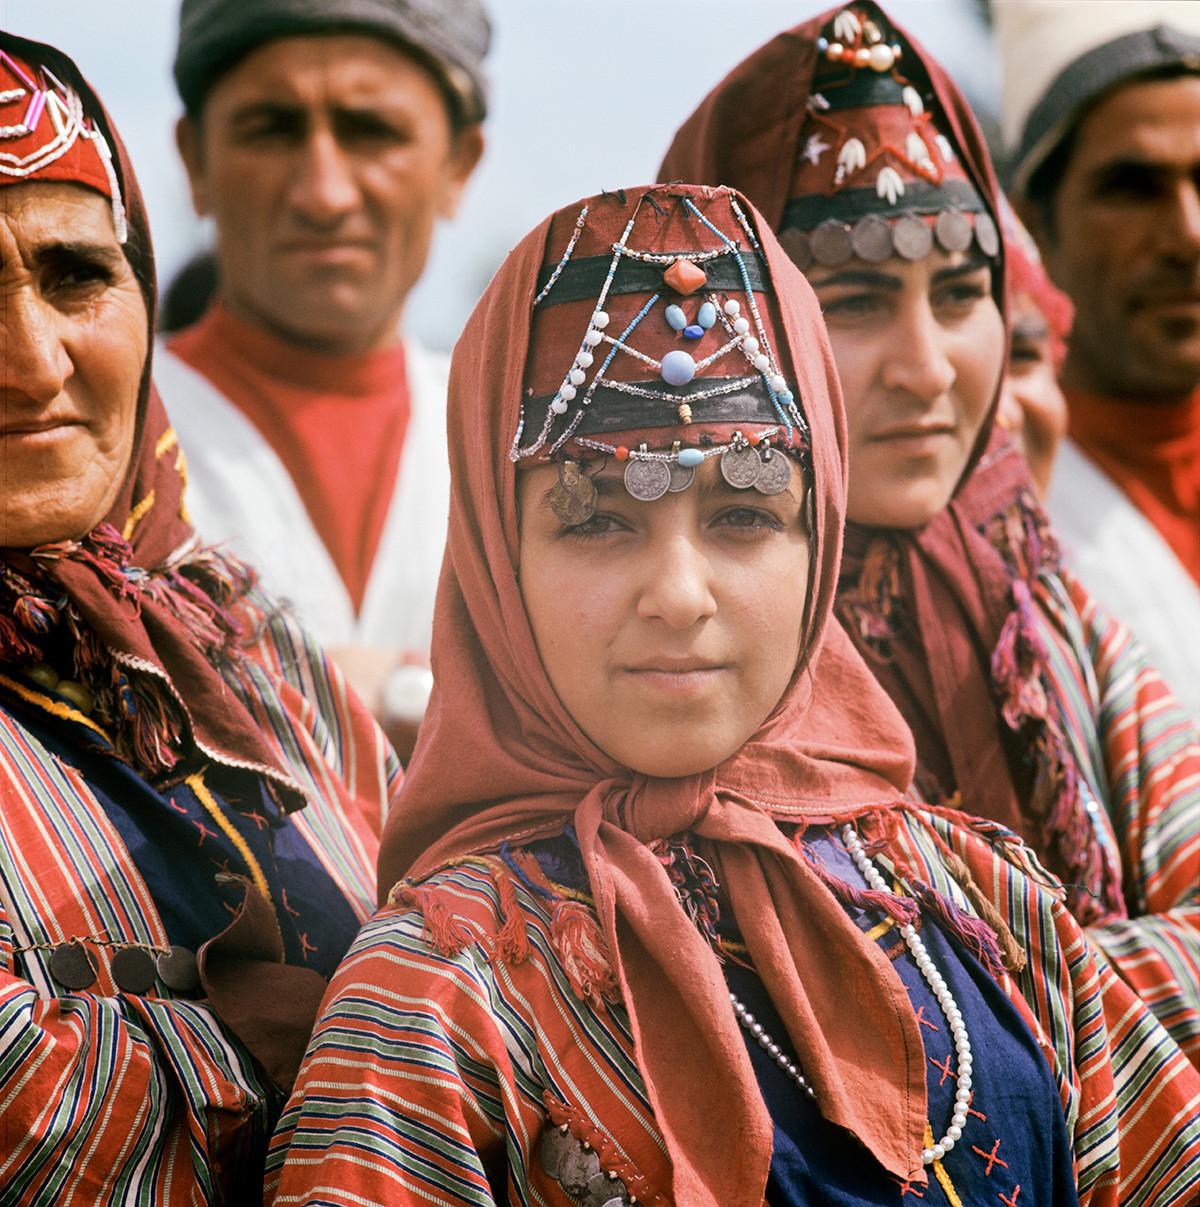 Festa da colheita na Armênia